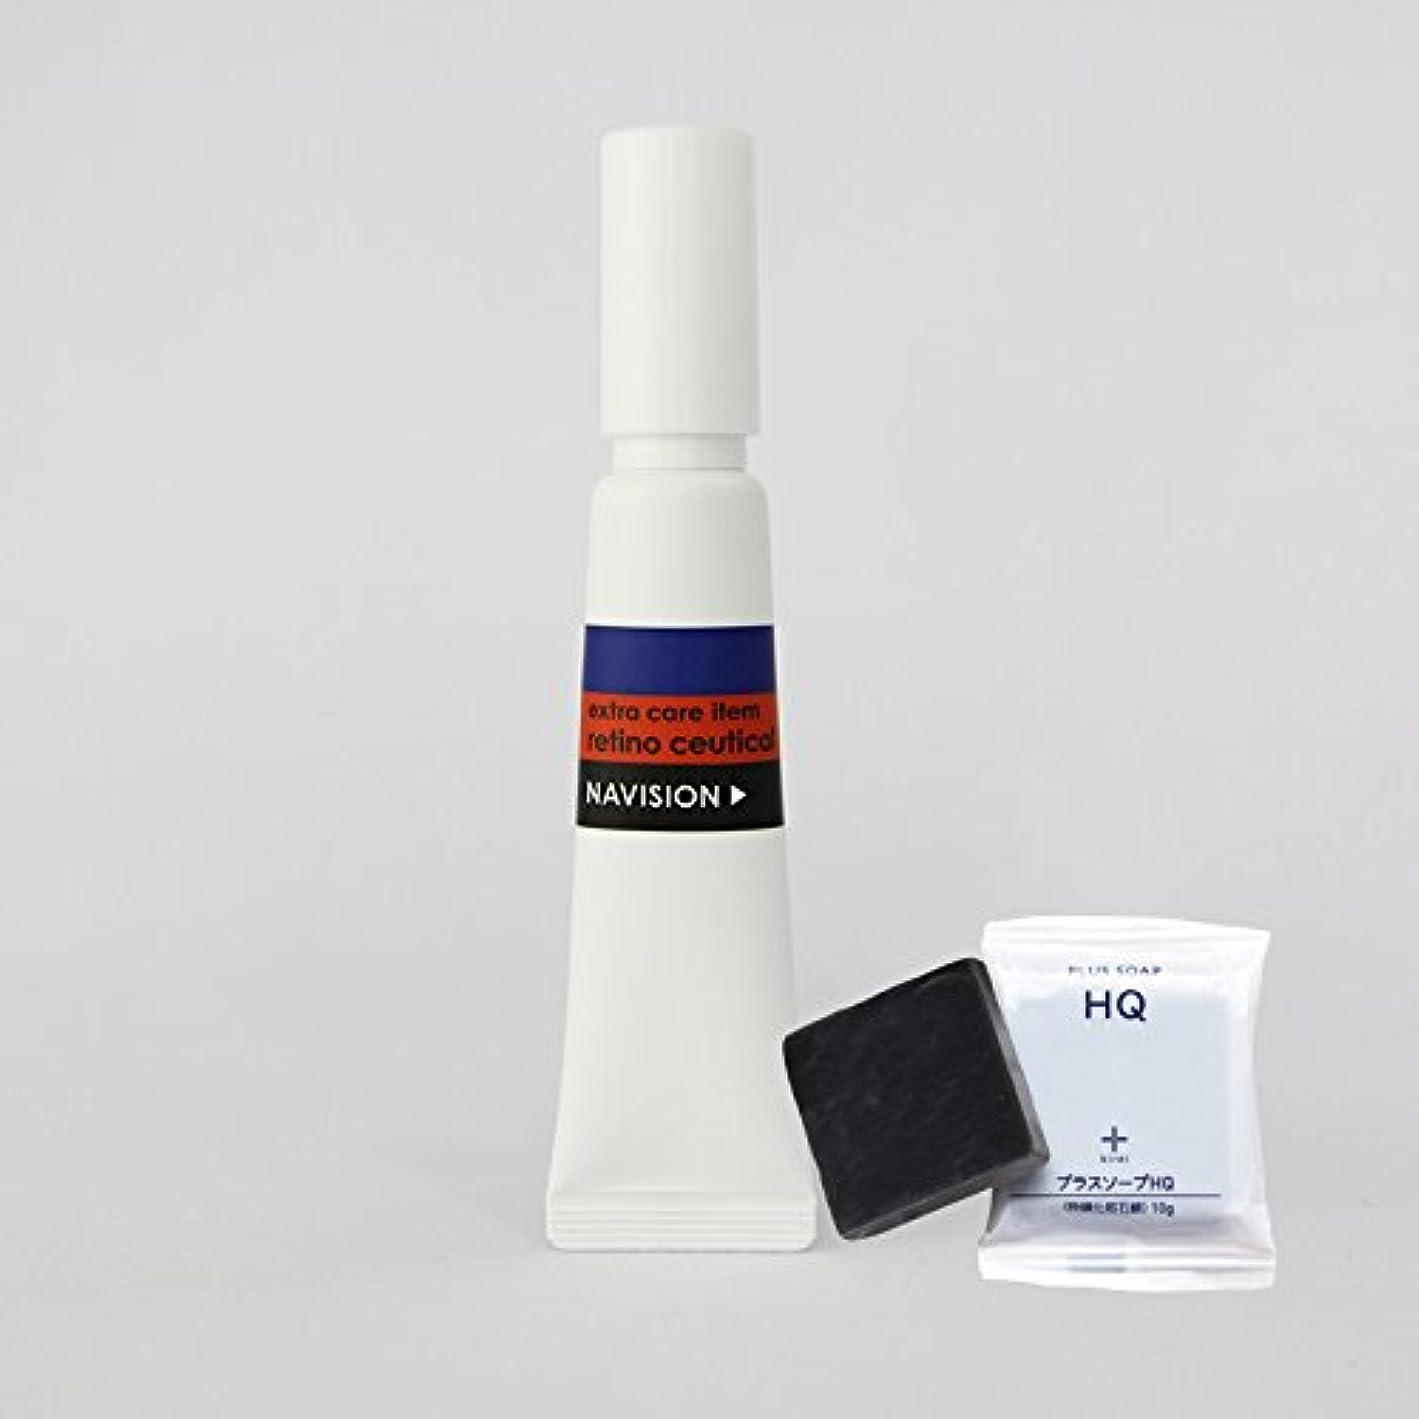 ピットブレーキ悪夢ナビジョン NAVISION レチノシューティカル 15g (医薬部外品) + プラスキレイ プラスソープHQミニ